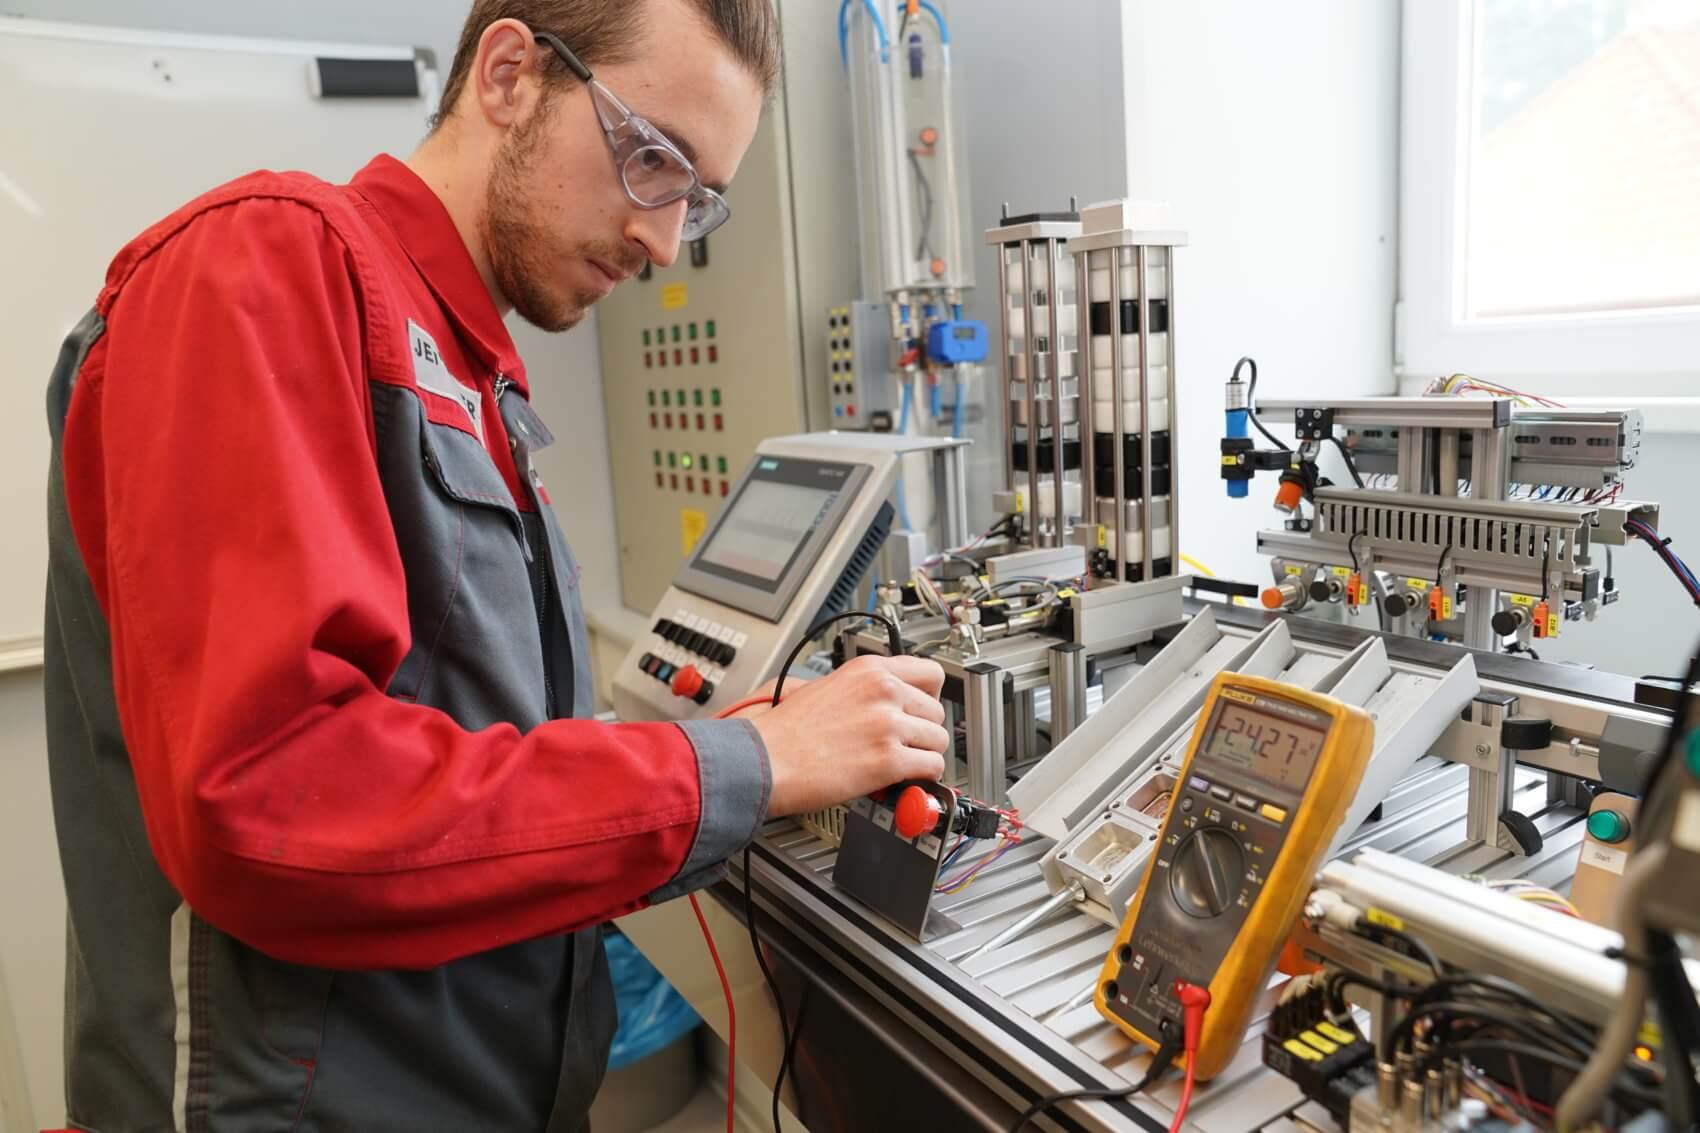 Manuel Wagner bei der Fehlersuche in der Automatisierungsanlage. Prozessgesteuerte Anlagen werden regelmäßig gewartet.